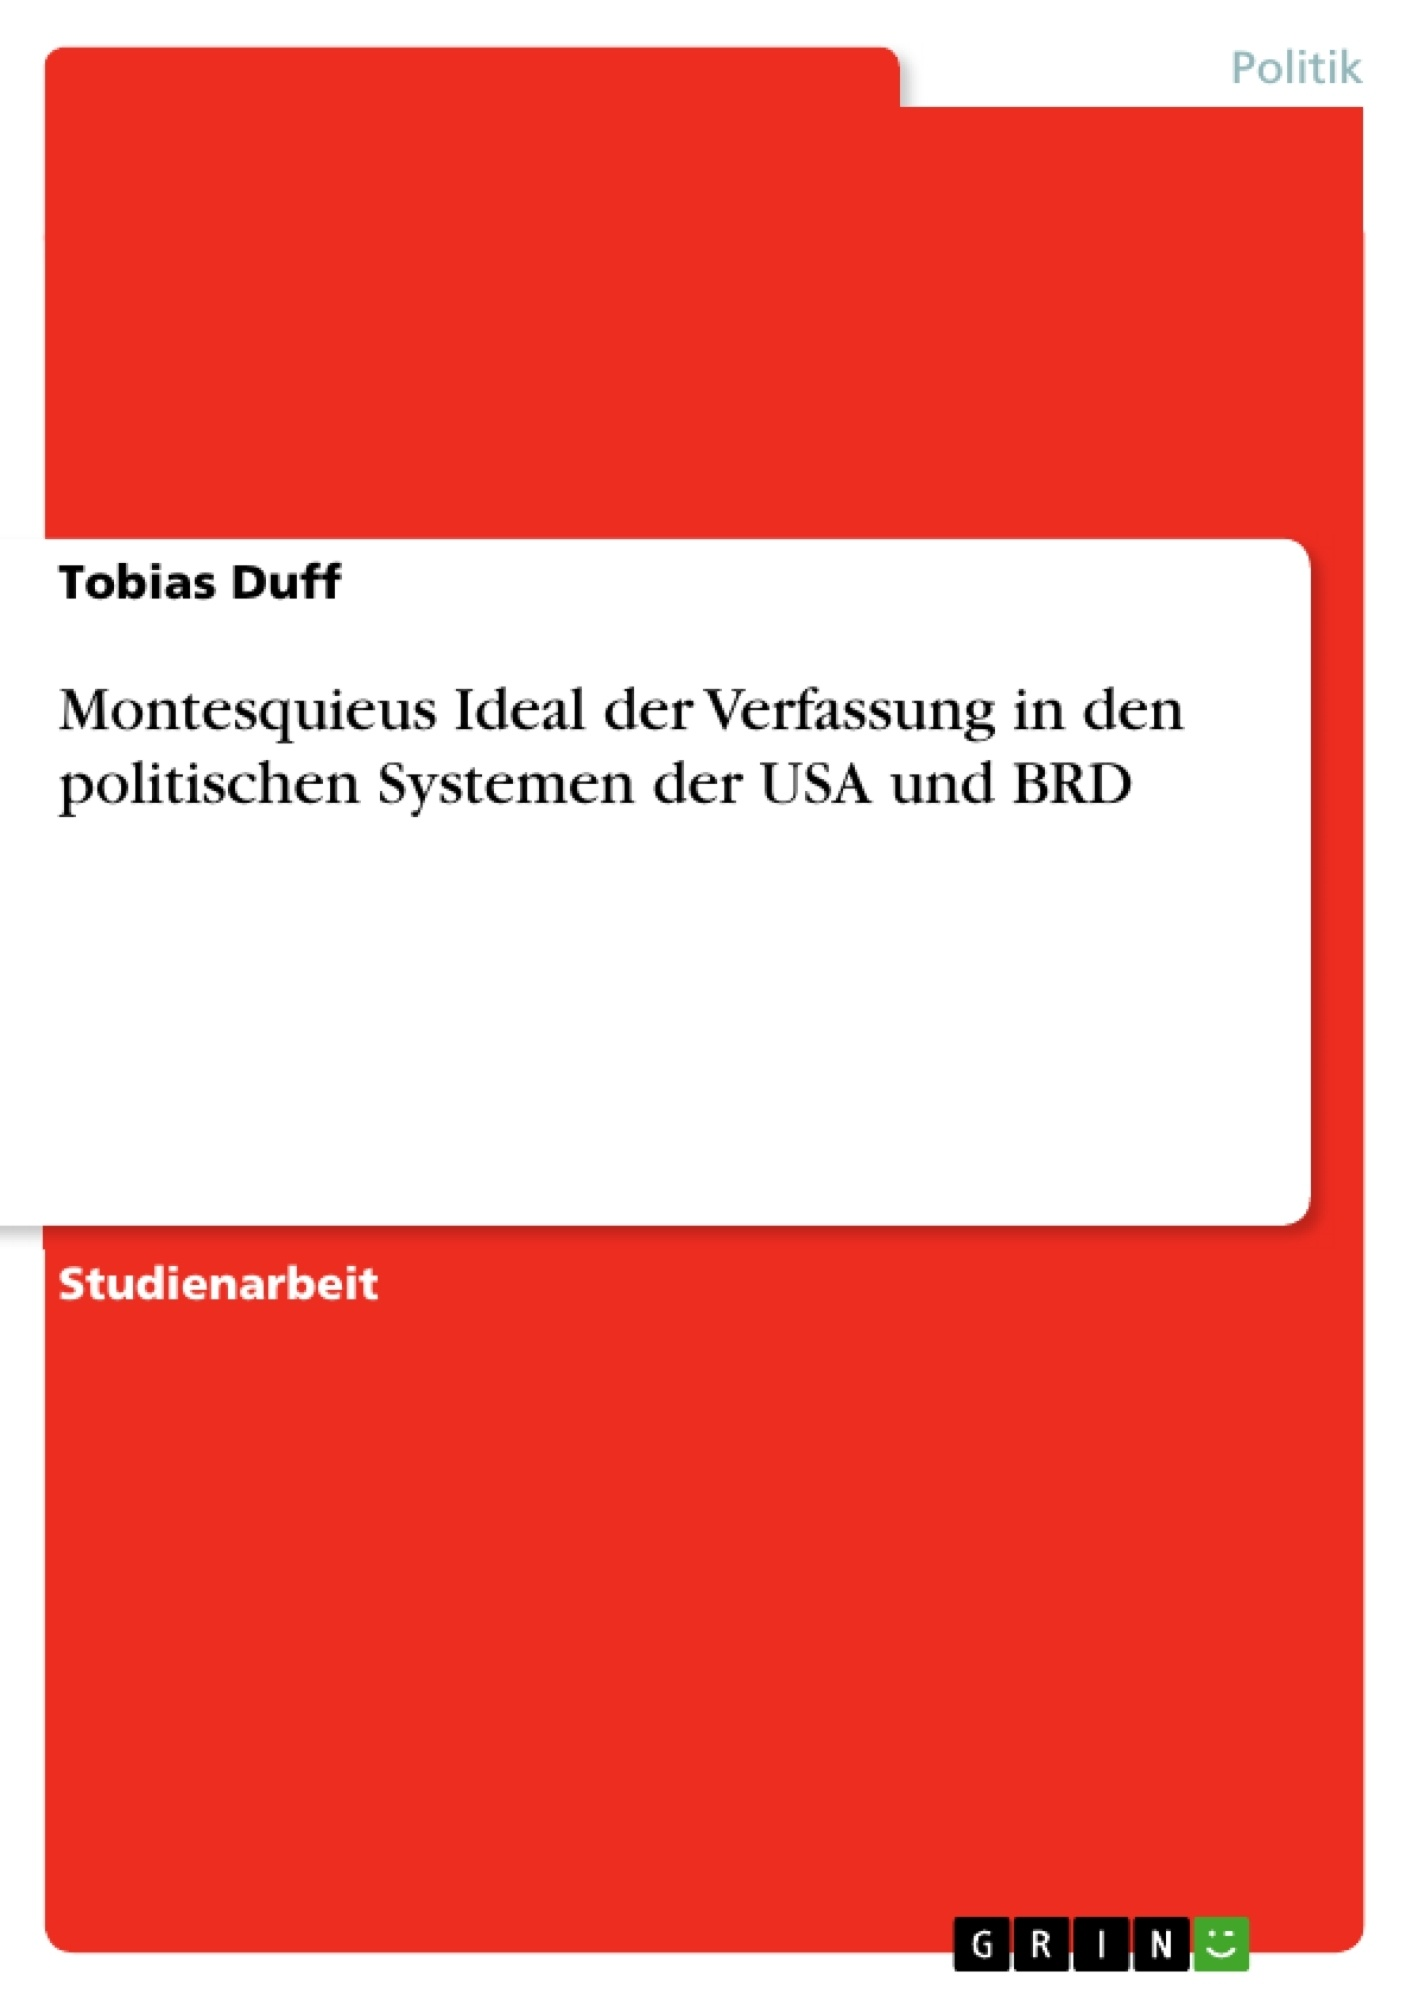 Titel: Montesquieus Ideal der Verfassung in den politischen Systemen der USA und BRD